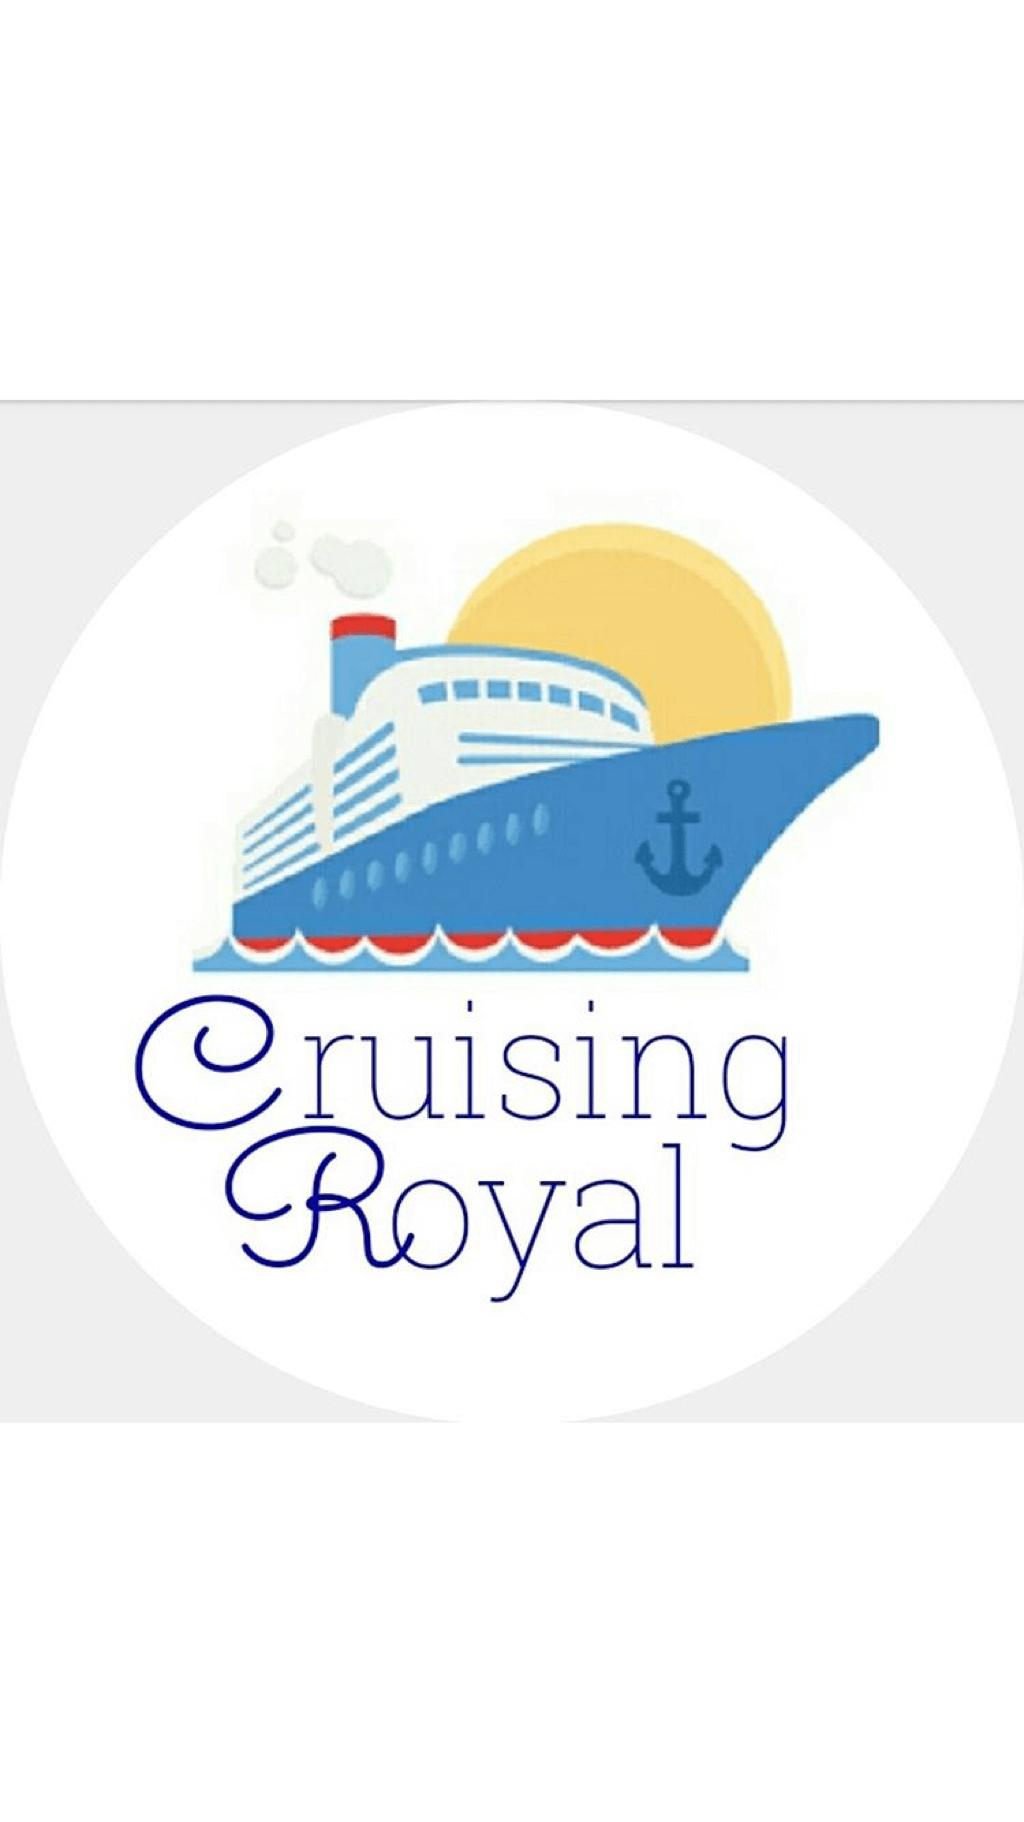 cruisingroyal